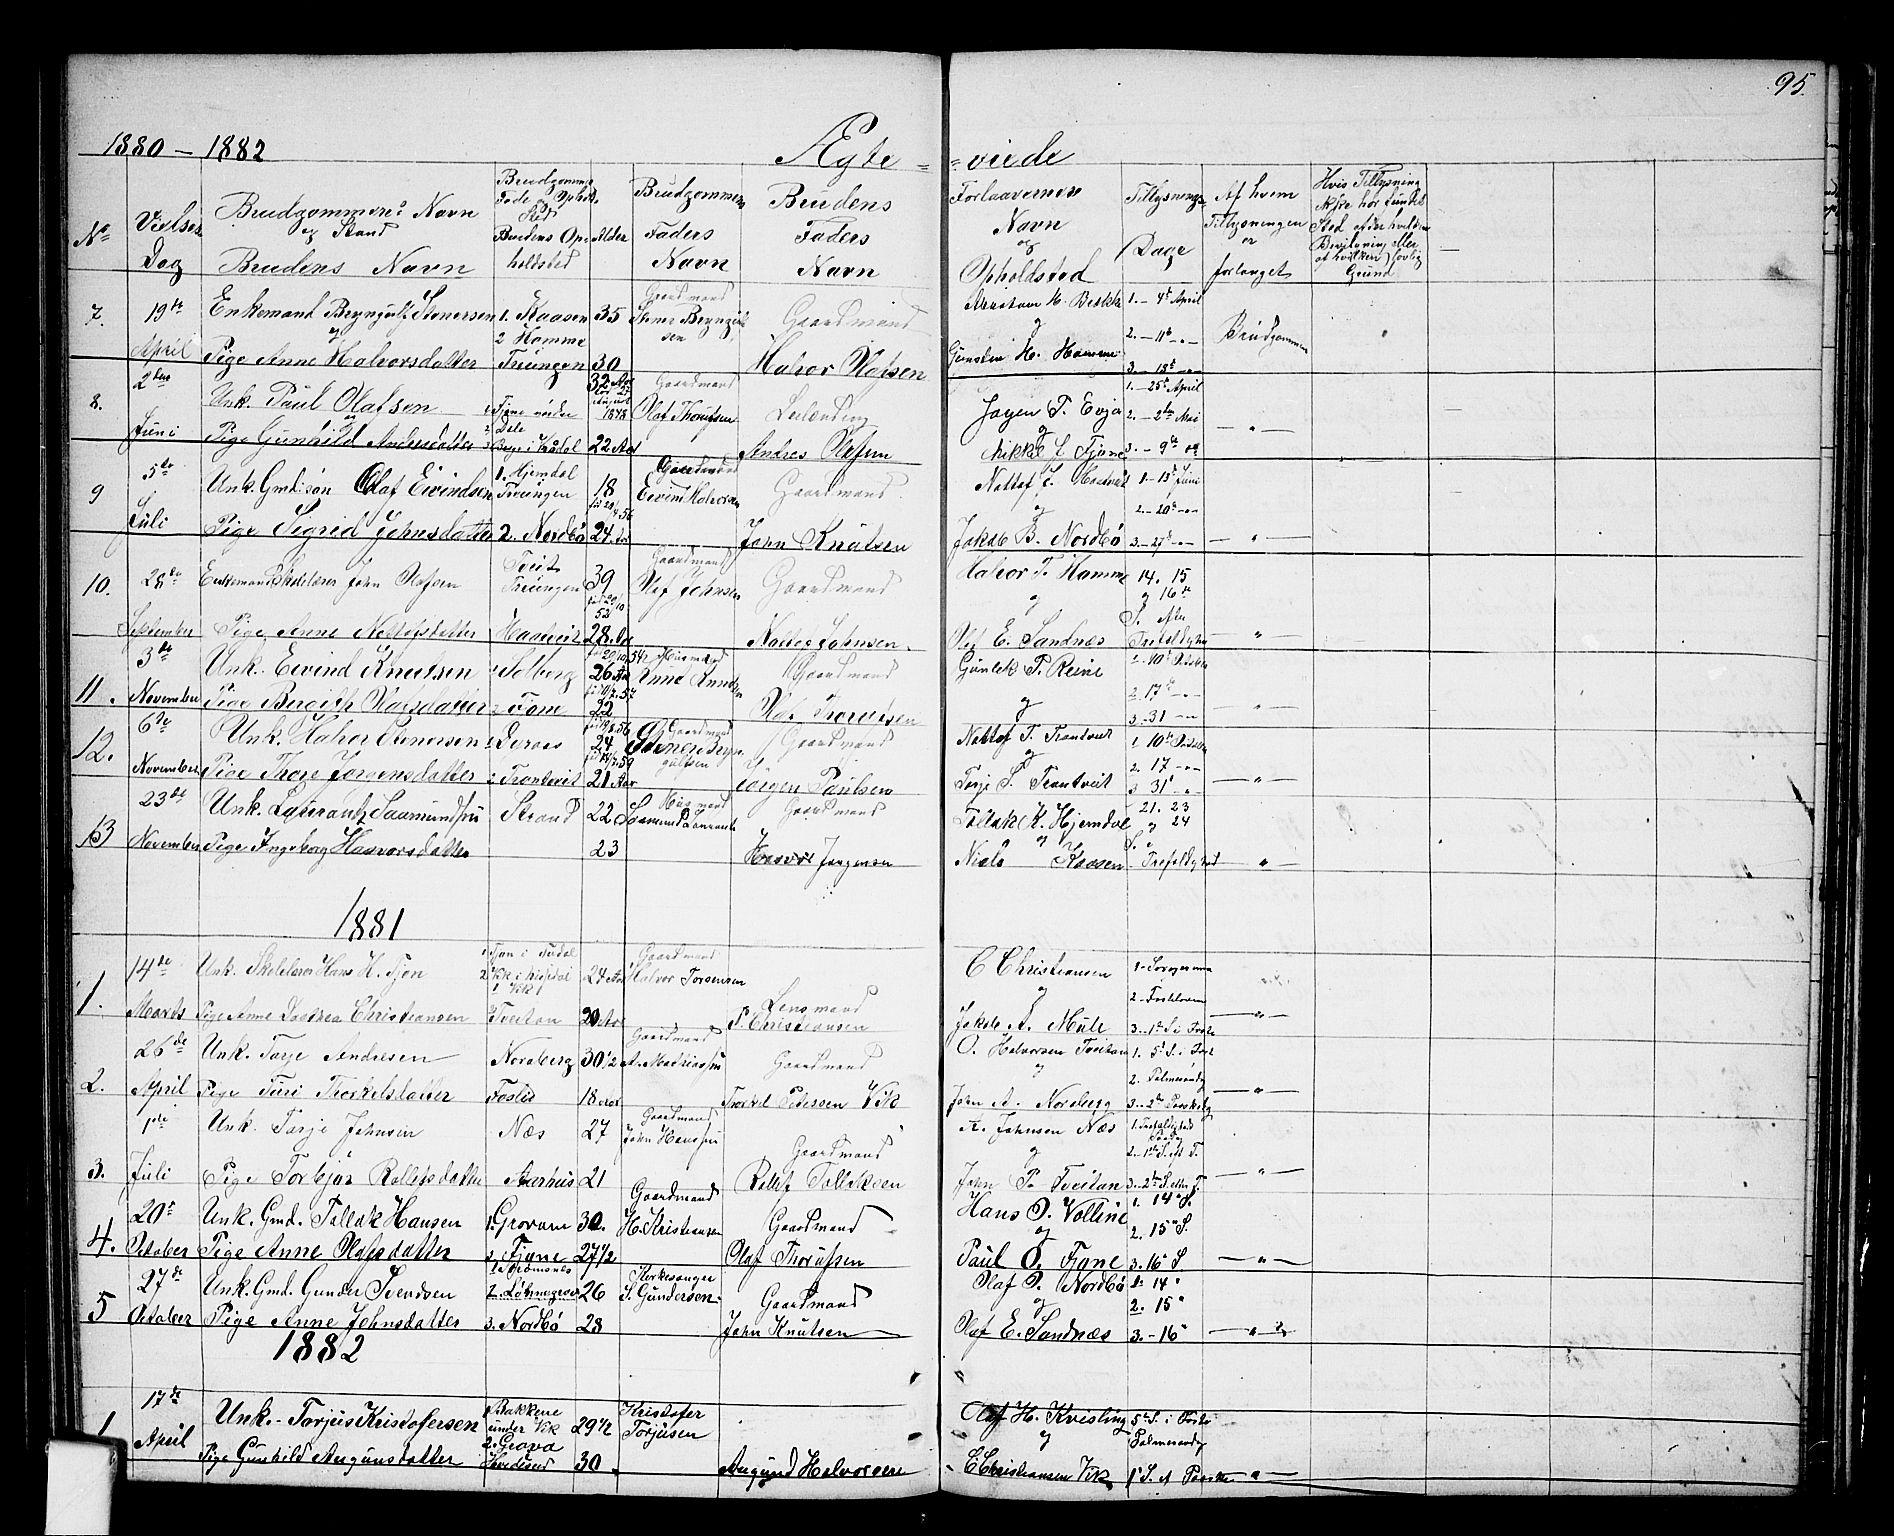 SAKO, Nissedal kirkebøker, G/Ga/L0002: Klokkerbok nr. I 2, 1861-1887, s. 95